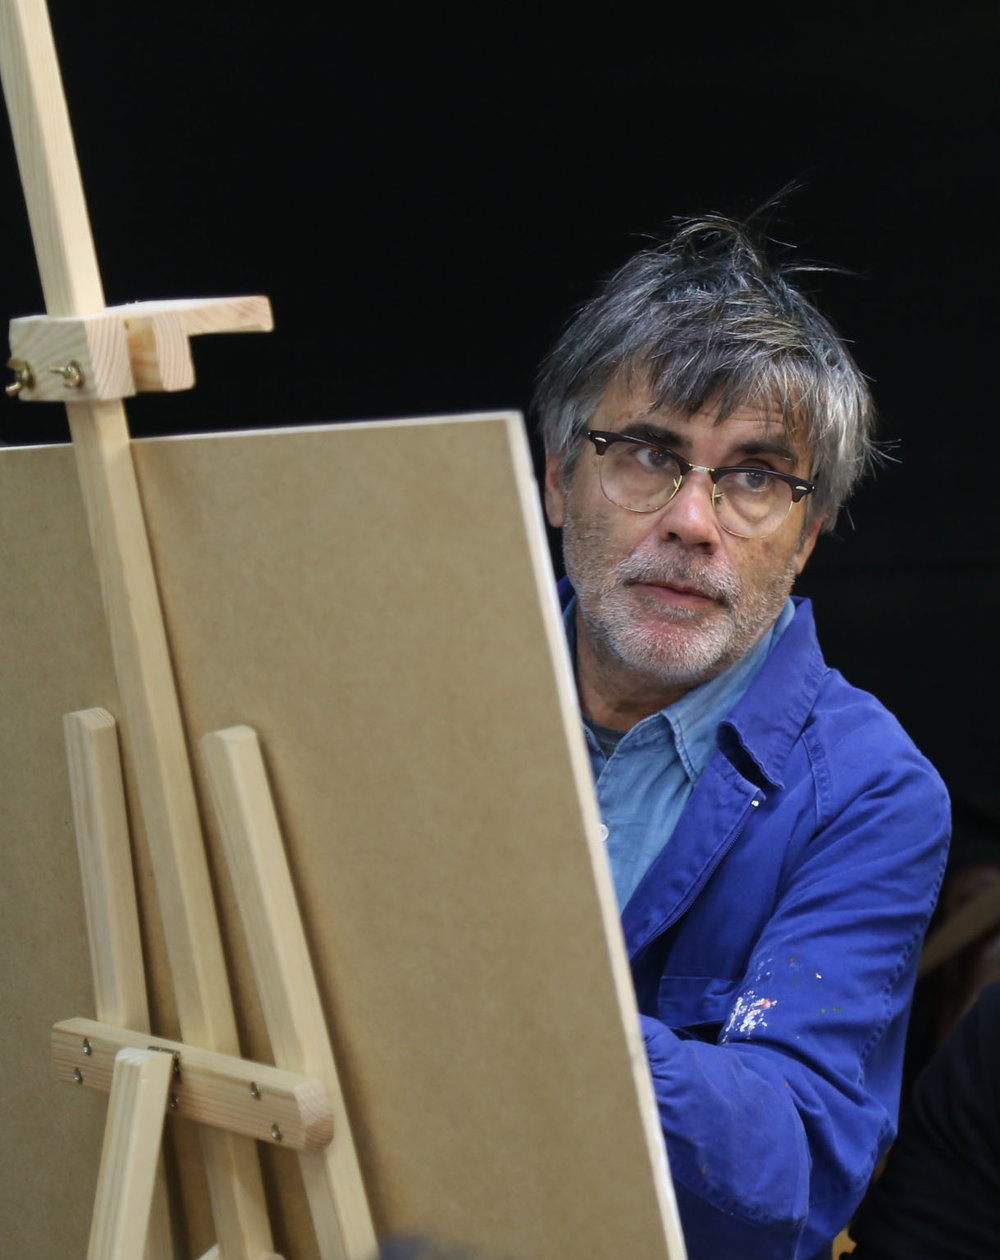 Golucho - PainterSpain